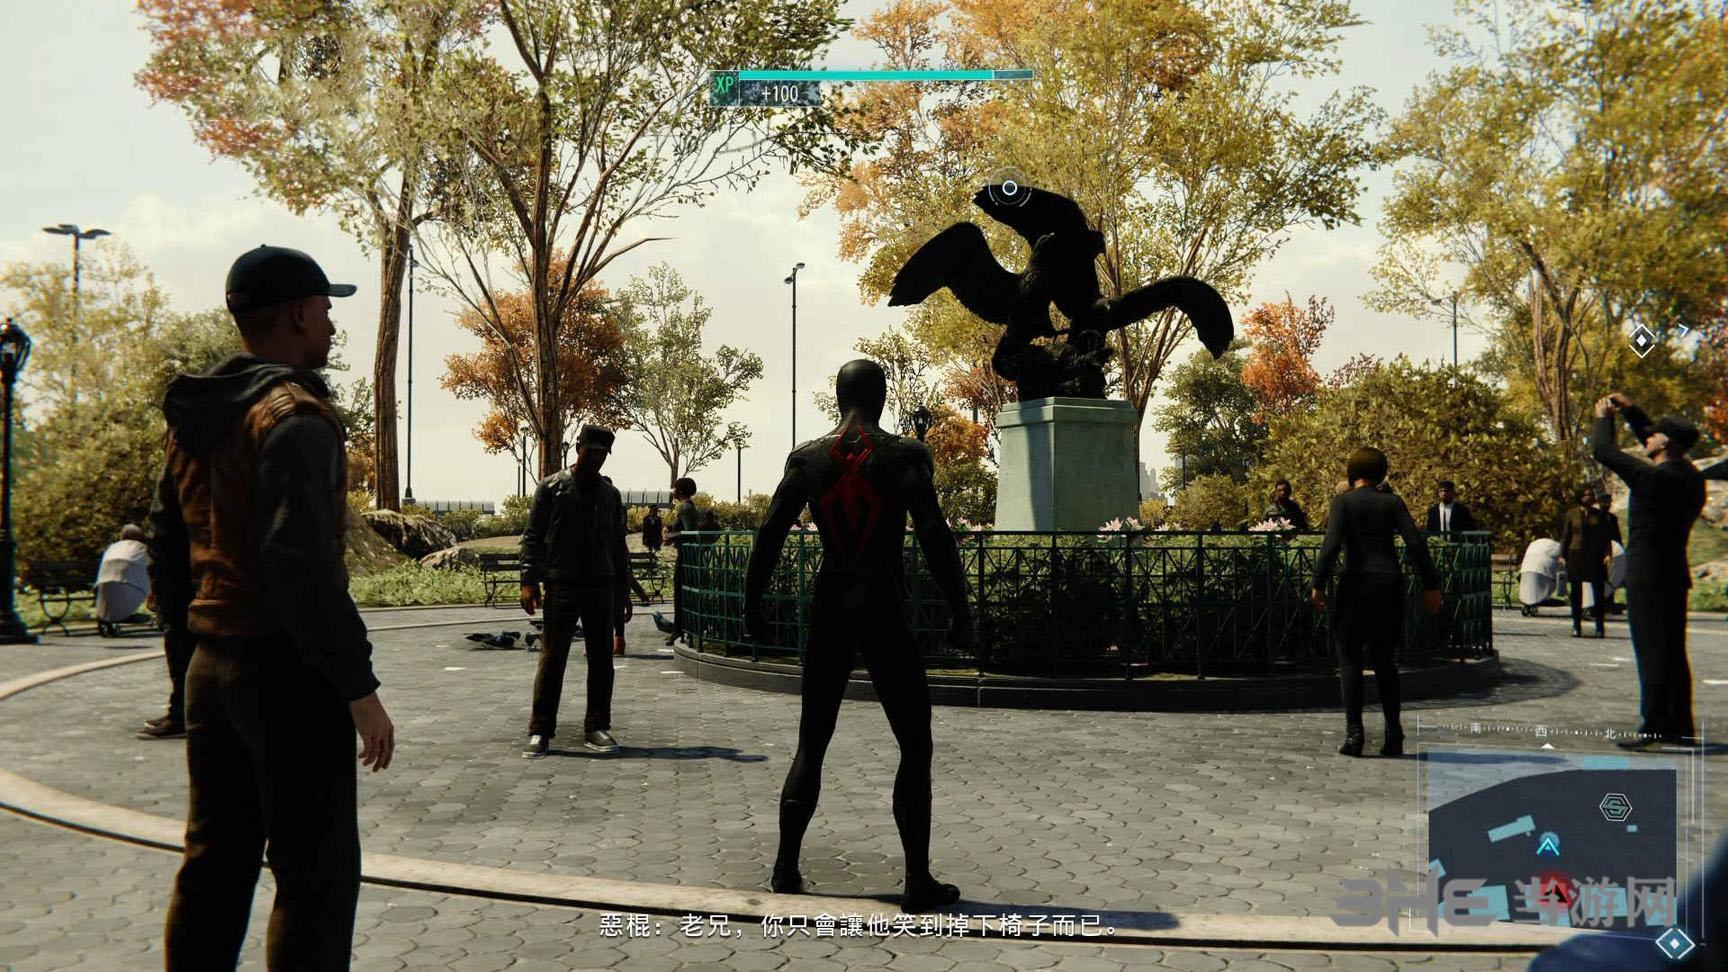 PS4蜘蛛侠游戏截图3